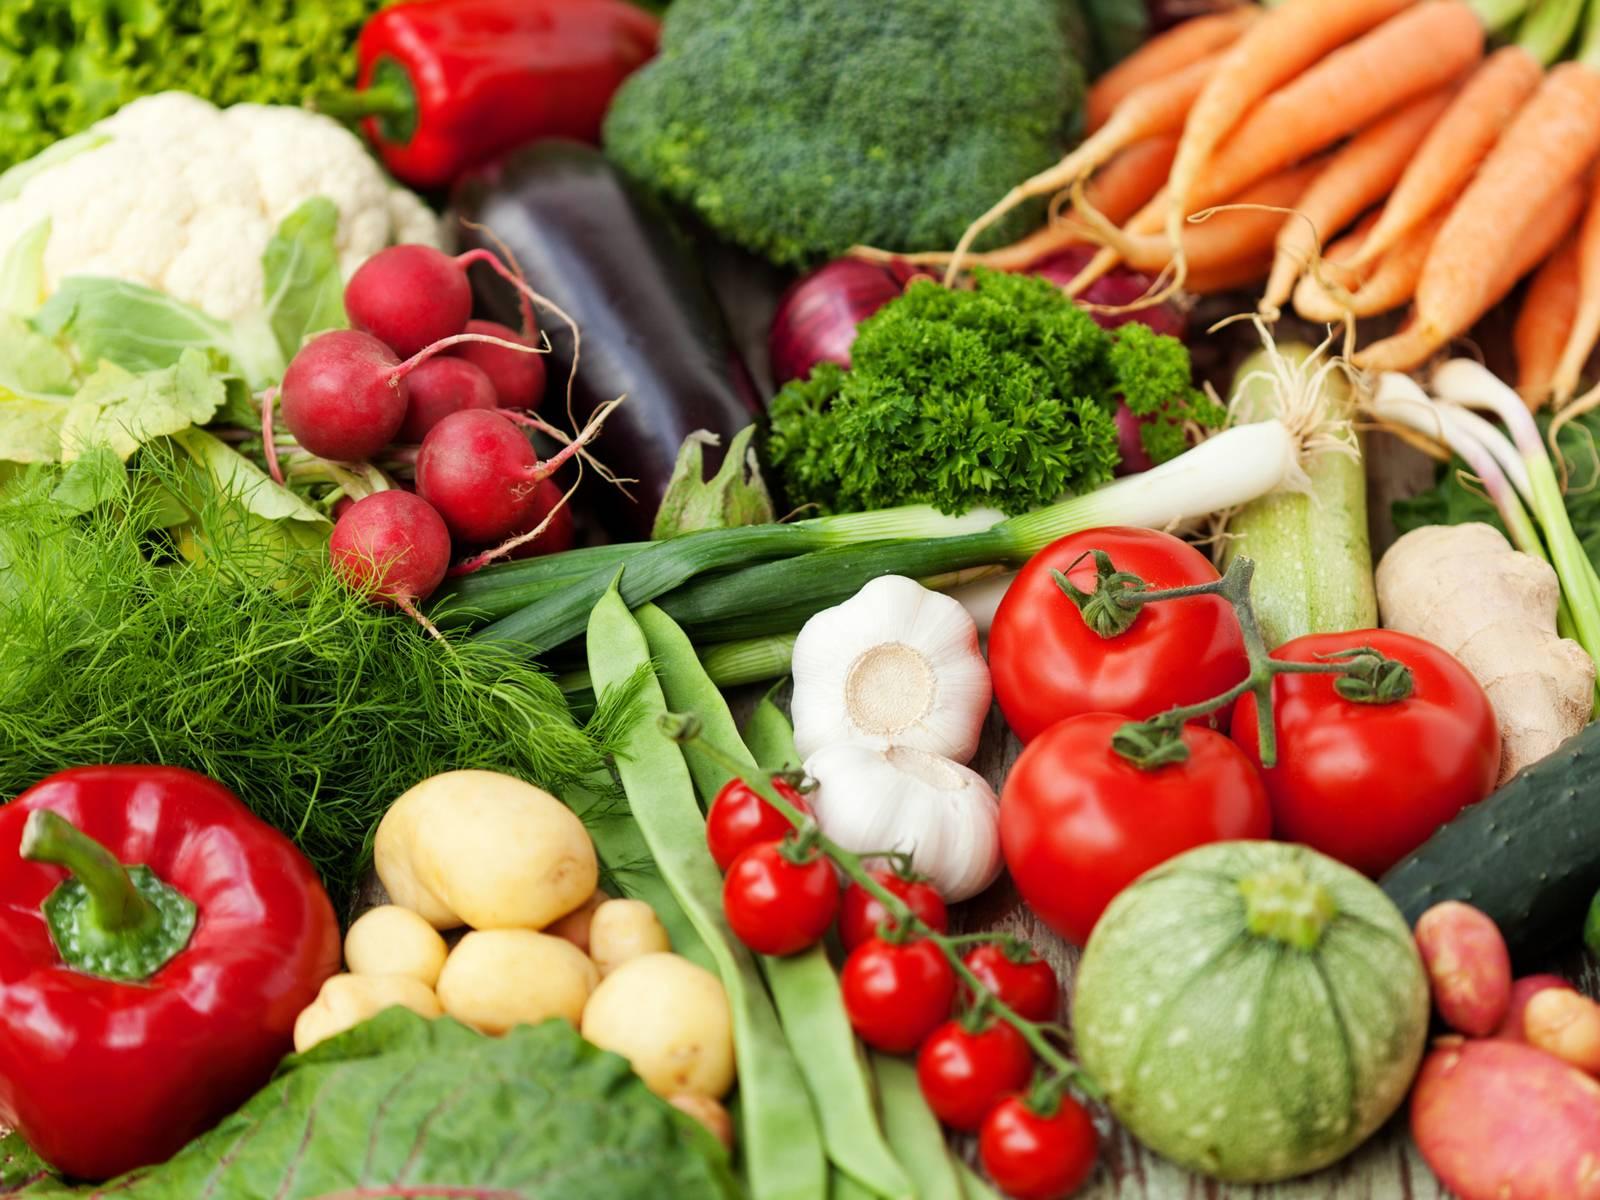 diverse Gemüsesorten, wie Lauchzwiebeln, Möhren, Tomaten, Gurken, Paprika, Fenchel